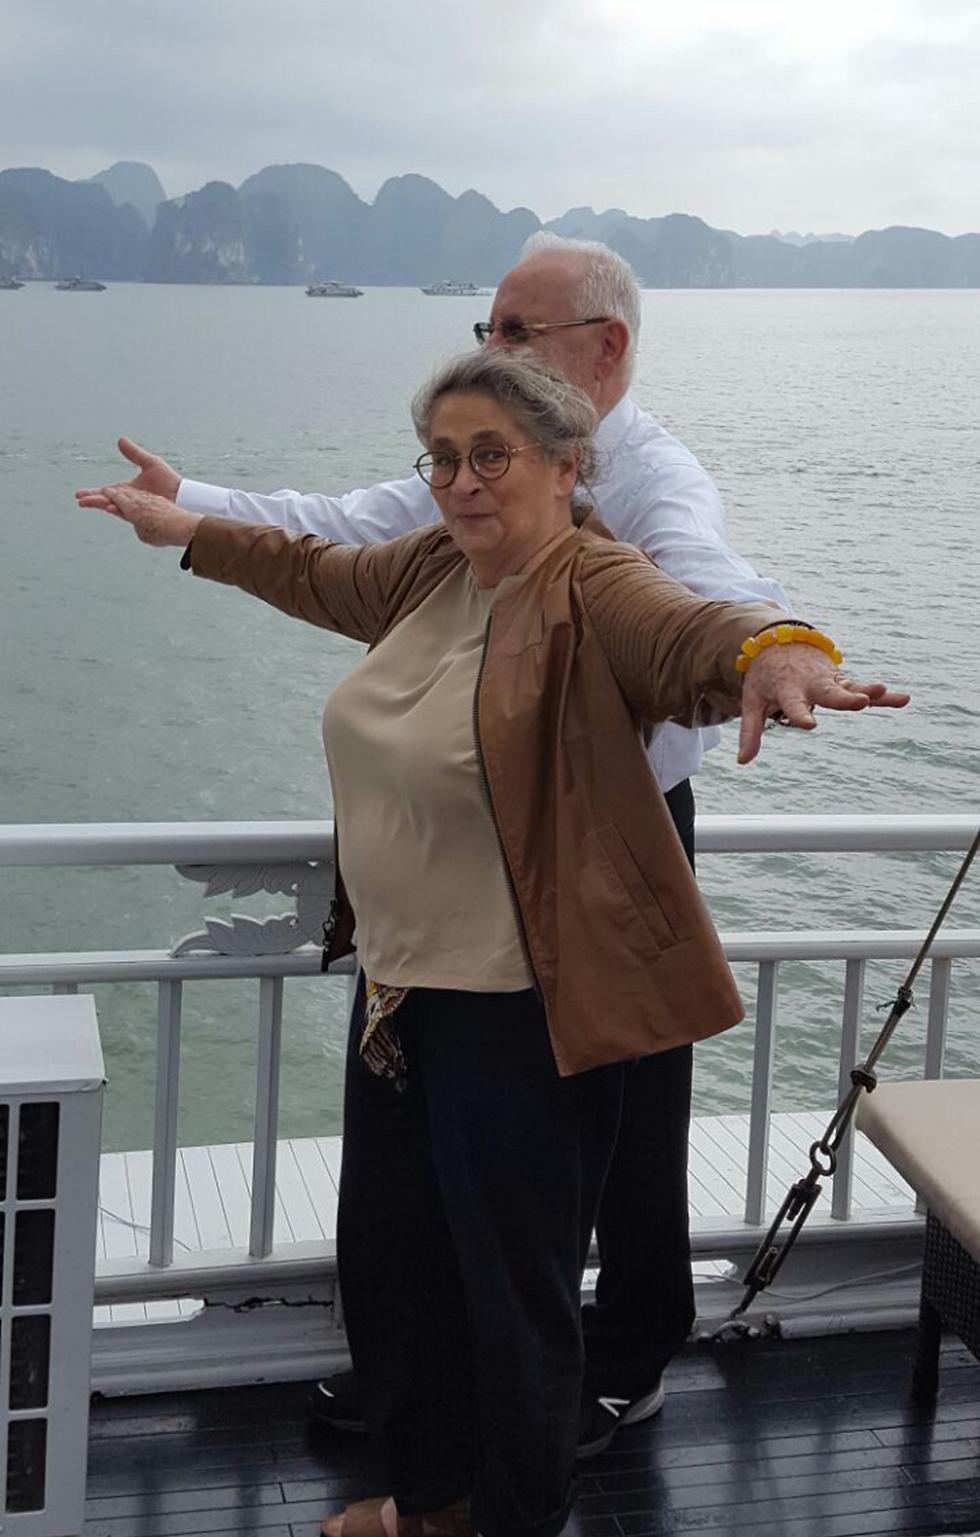 """Супруги Ривлин во время визита во Вьетнам воспроизводят знаменитую позу из фильма """"Титаник"""". Фото: Итамар Айхнер"""